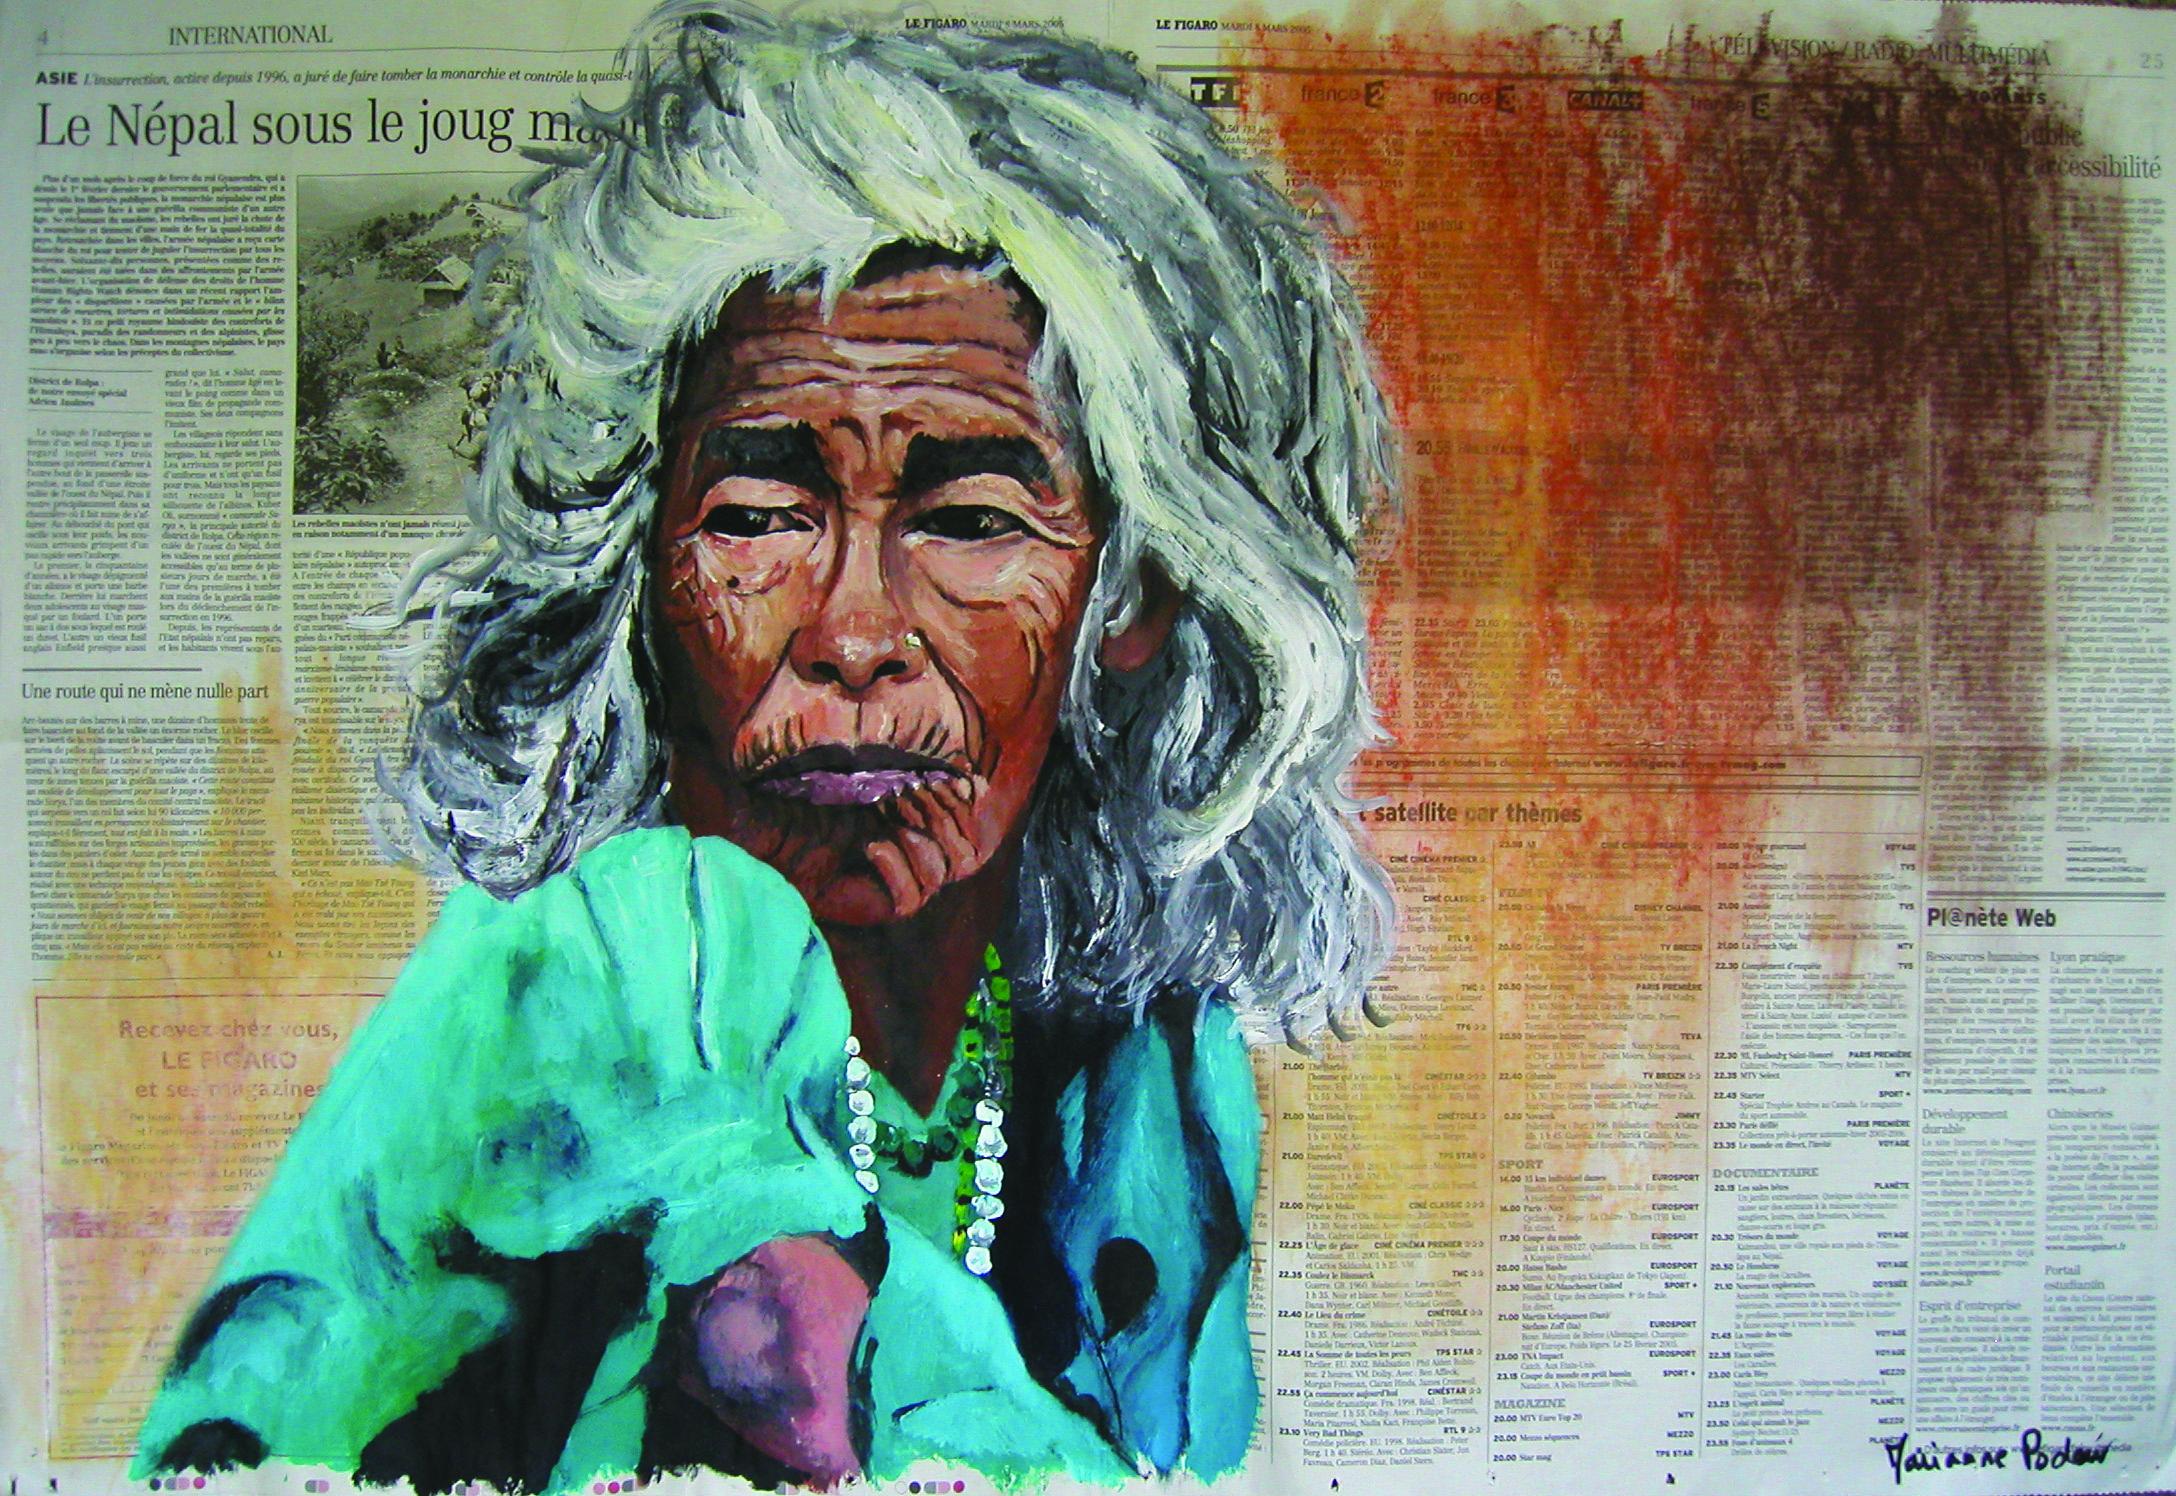 NEPAL - La désillusion